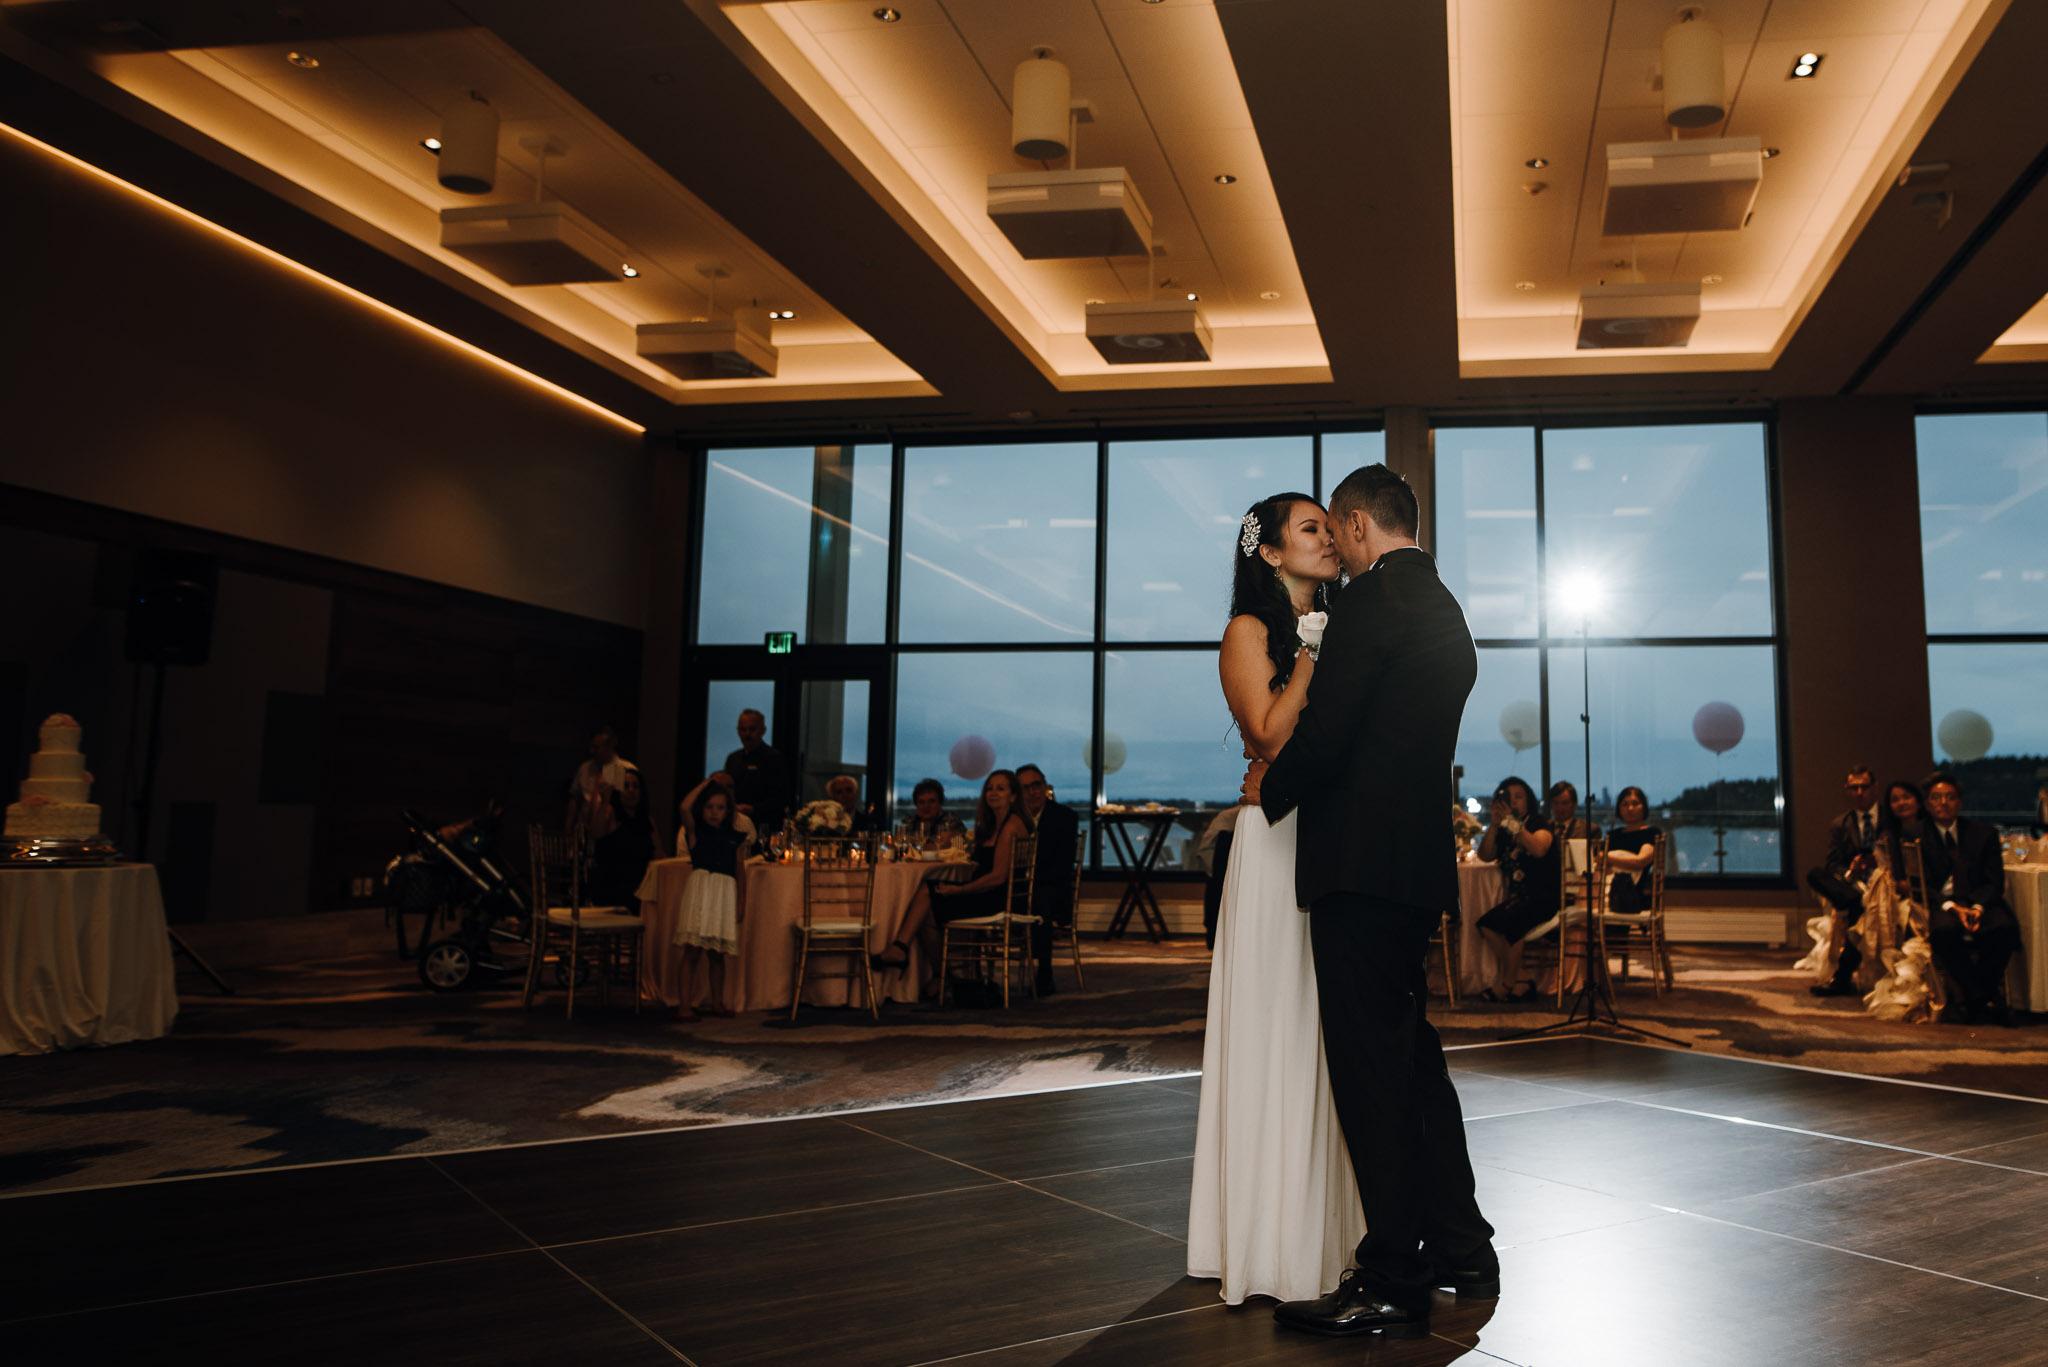 Hyatt-Regency-Lake-Washington-Wedding-Renton-Washington-0031.jpg